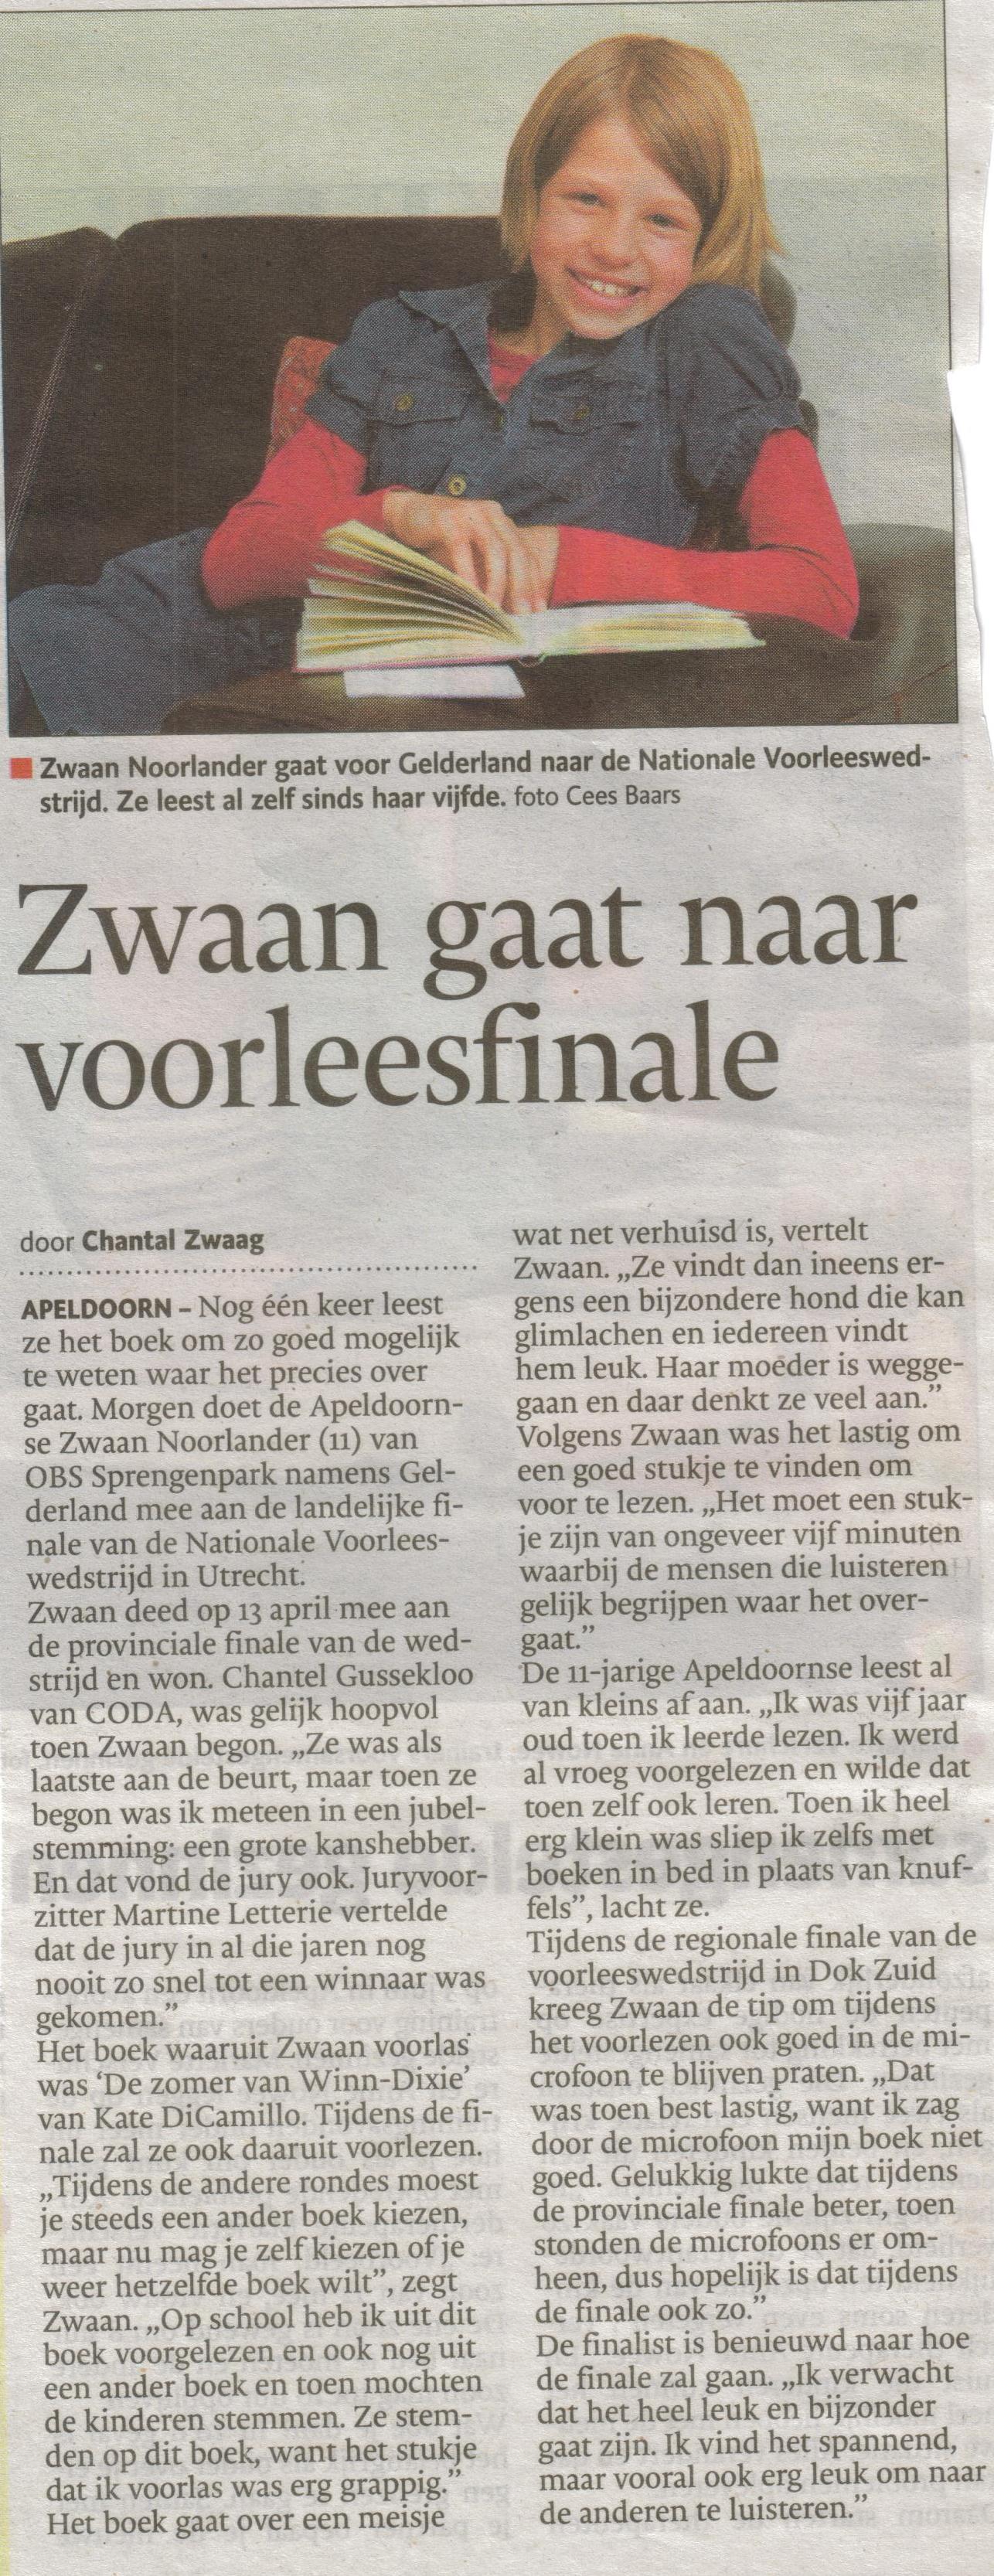 14- voorleeskampioenschap zwaan noorlander- bijzondere productie-publicatiedatum 28 mei 2013